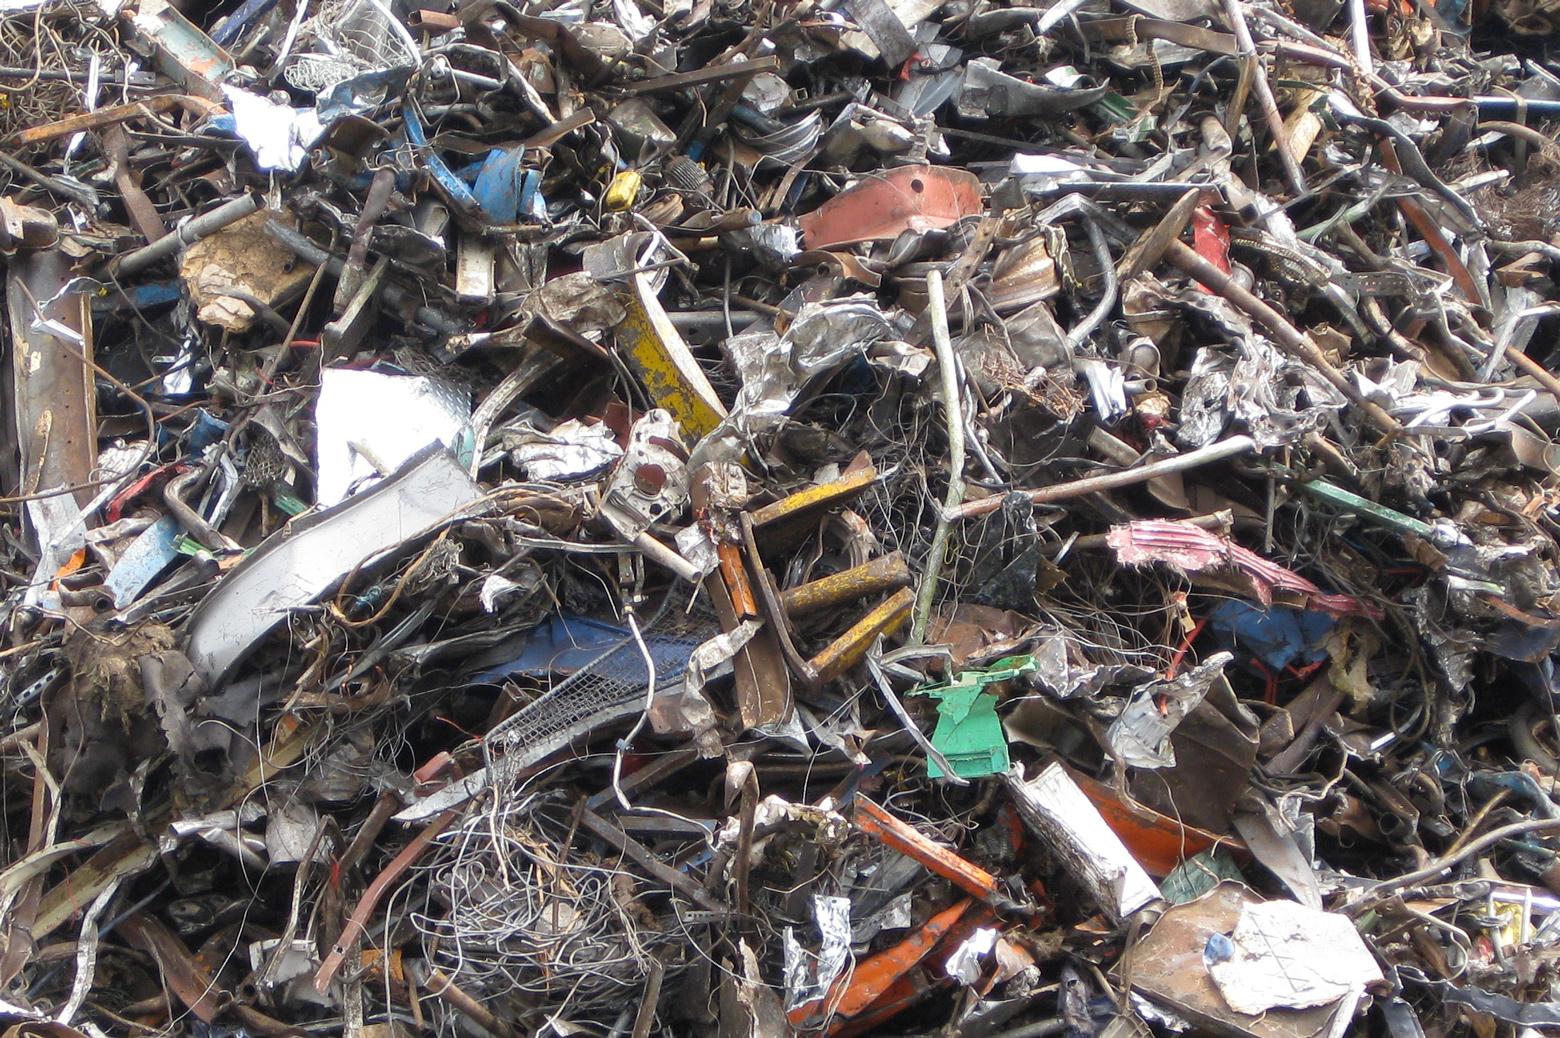 Scrap metal in a pile